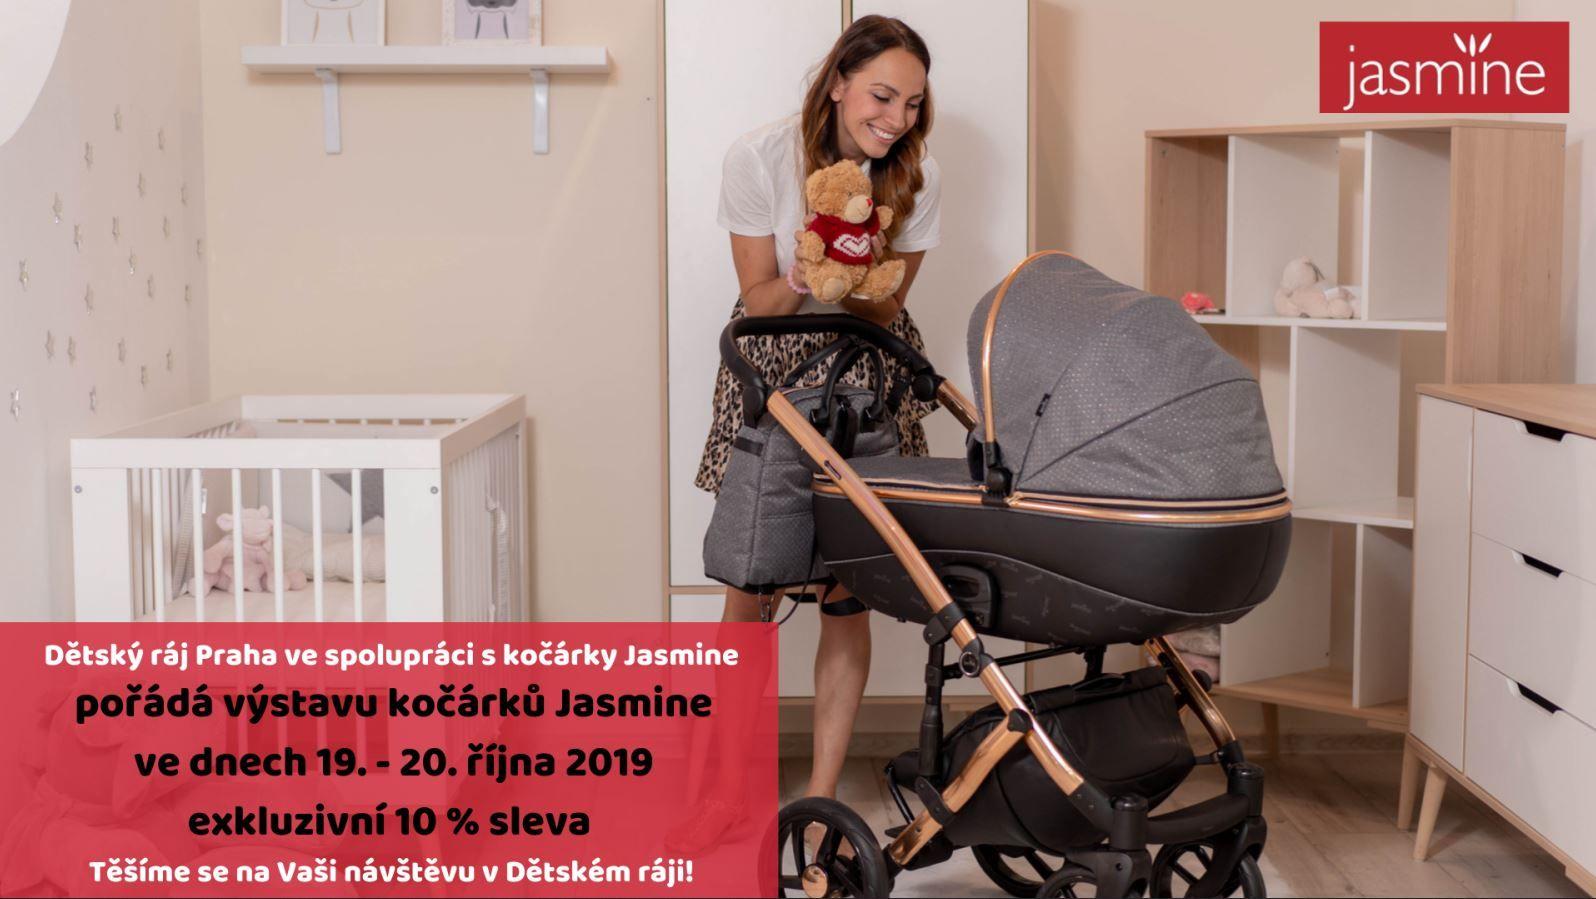 Podzimní výstava kočárků Jasmine v Dětském Ráji Praha